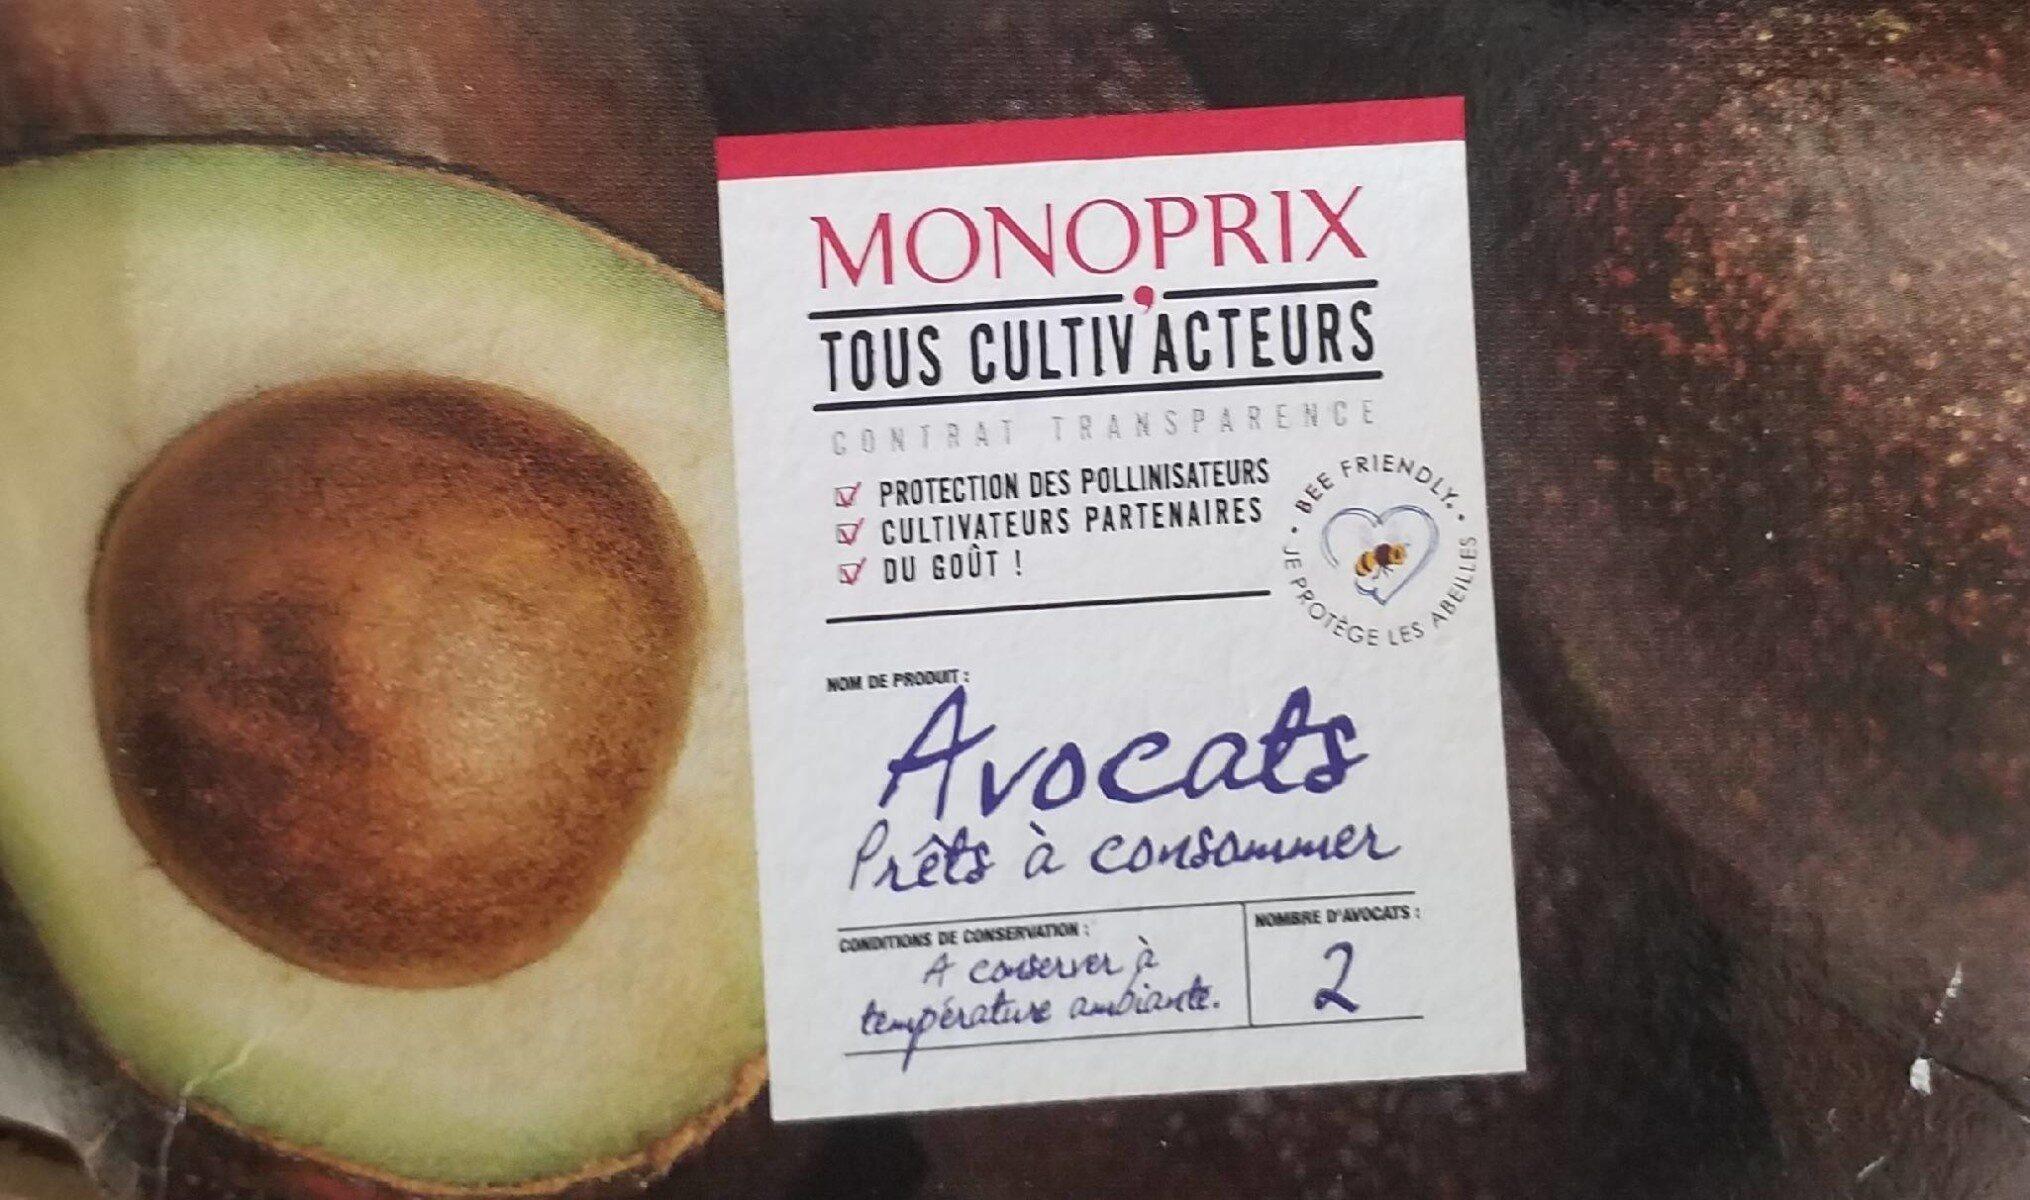 Avocat, Variété Hass - Produit - fr